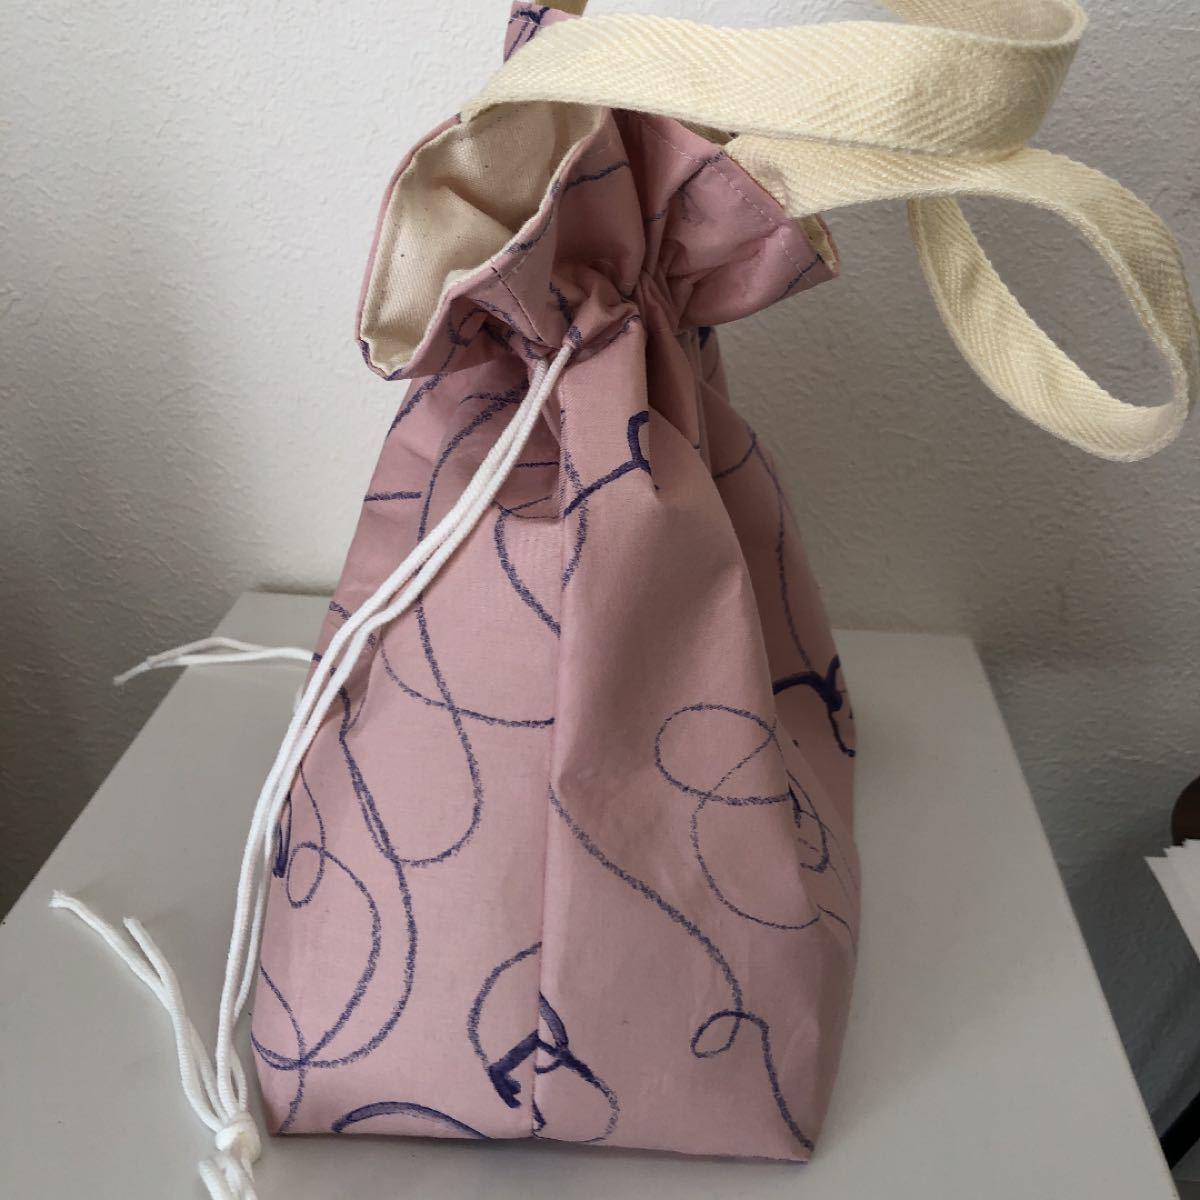 ハンドメイド  巾着バッグ